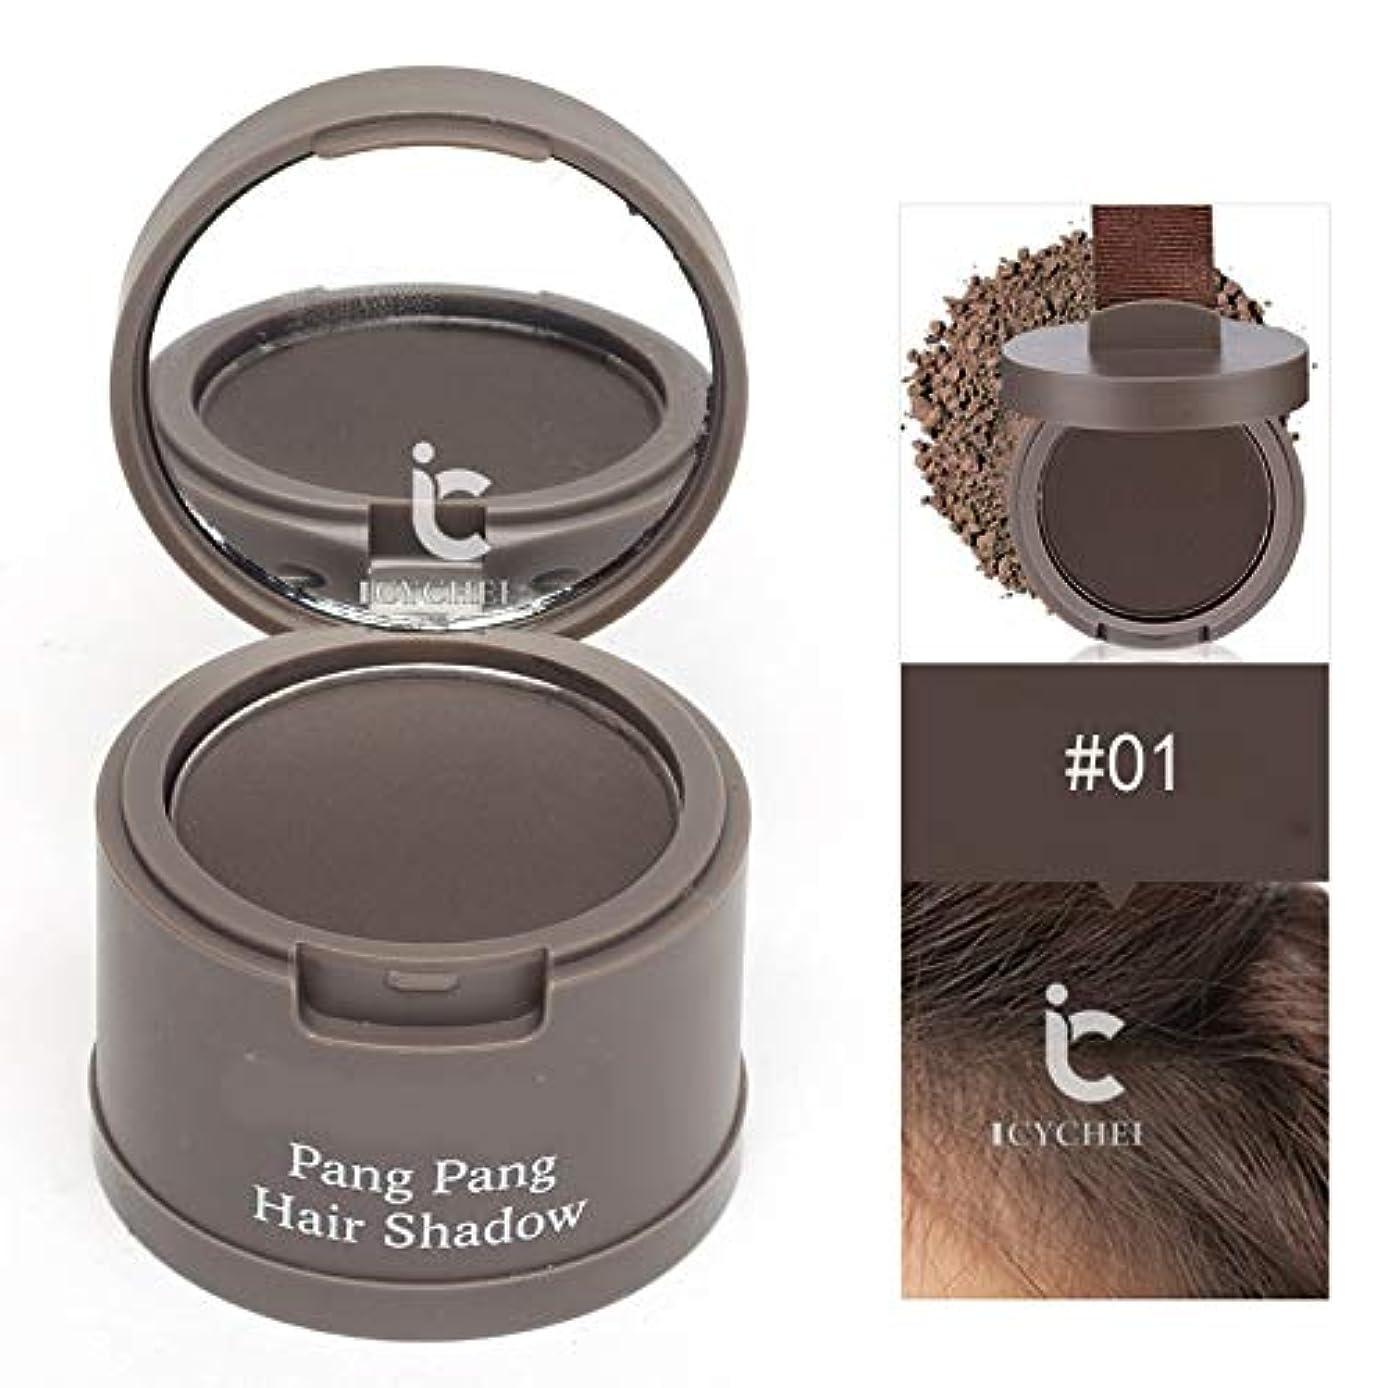 流用する早く抑制髪のためのヘアラインシャドウパウダー髪のシェーダレタッチルーツと髪パーフェクトカバレッジをラスティングICYCHEER防水ロング (01)